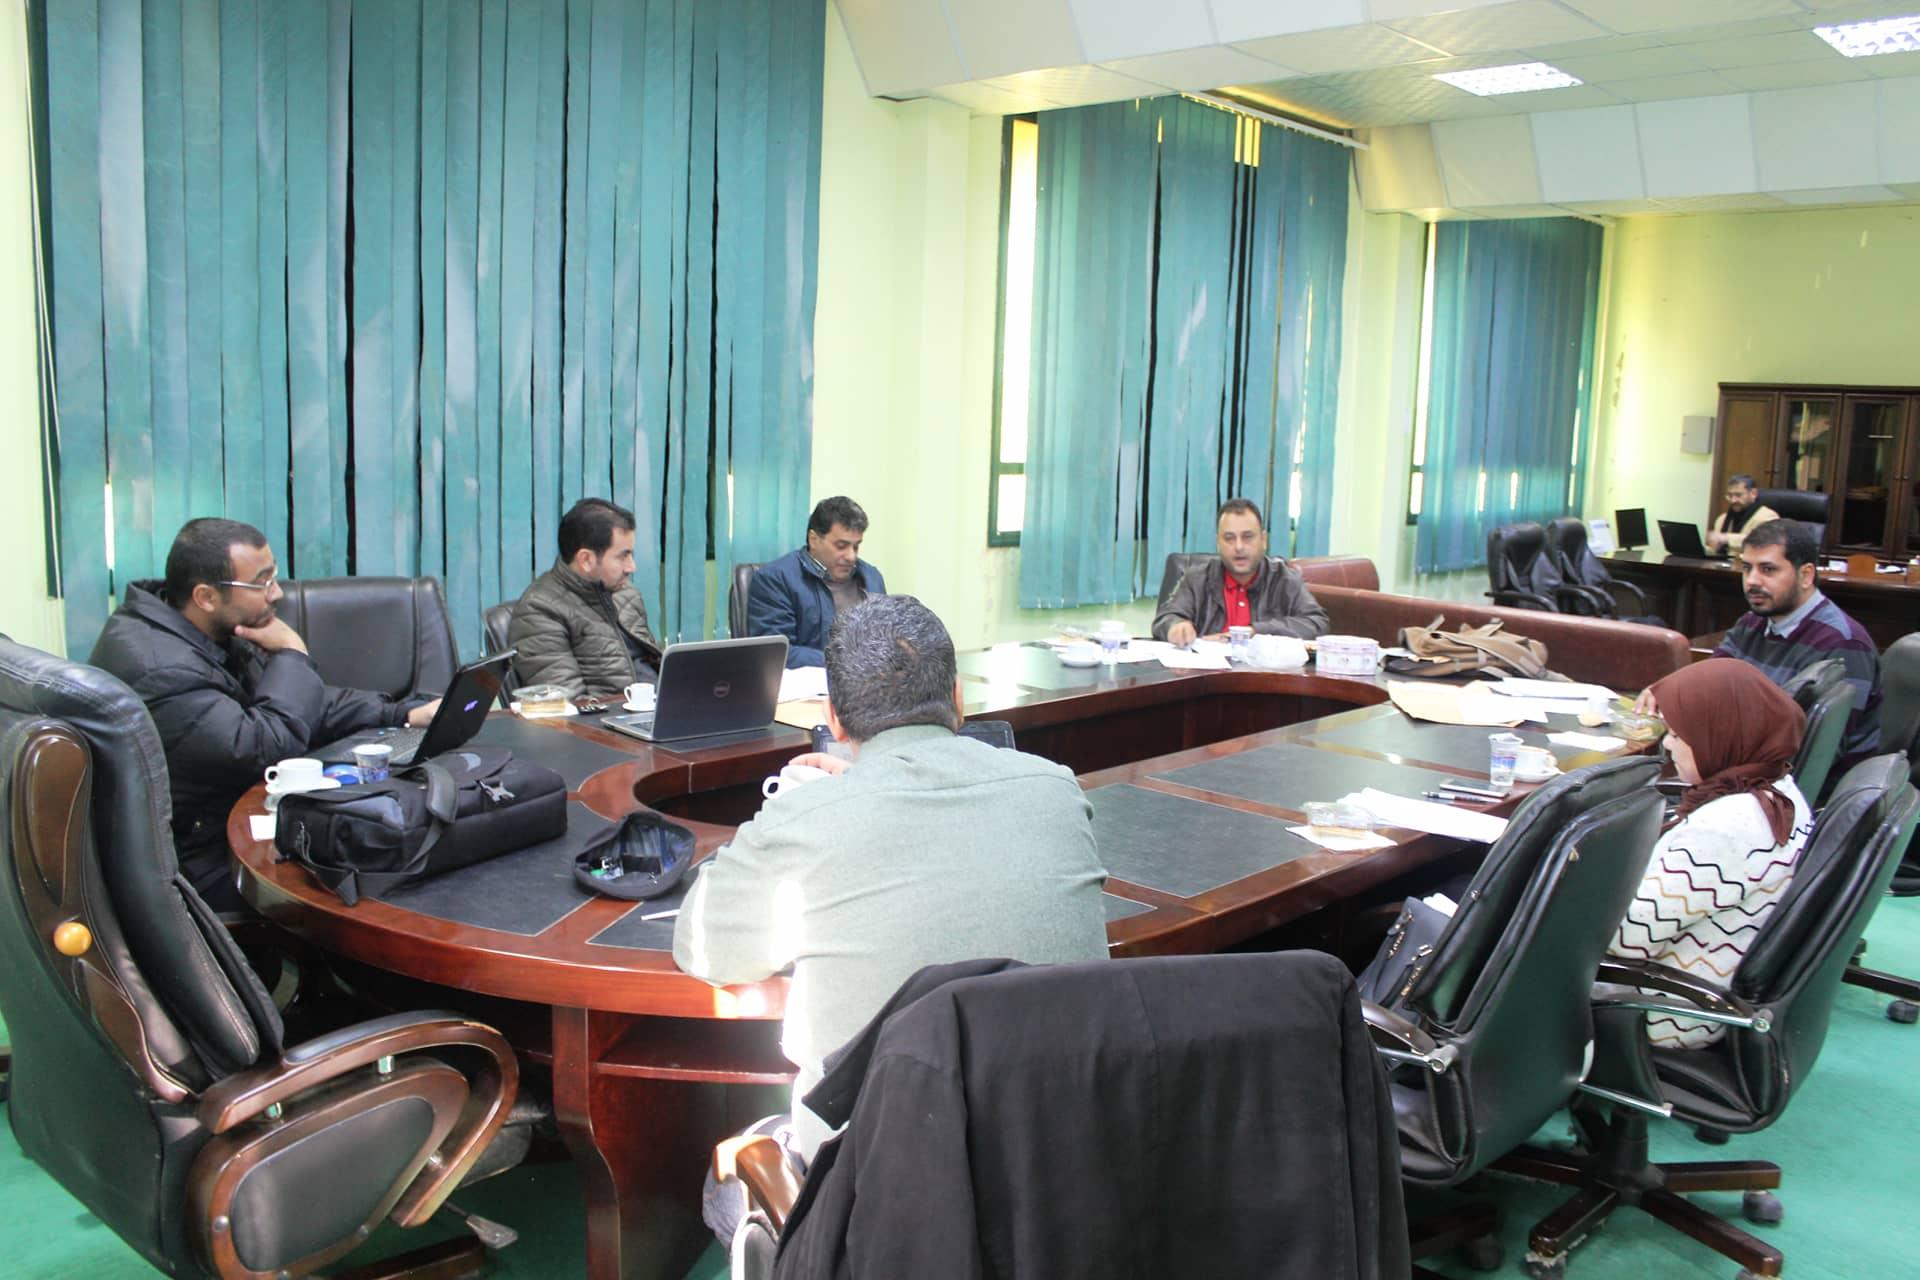 لجنة إعداد برنامج الدراسات العليا بالكلية تواصل عقد اجتماعاتها